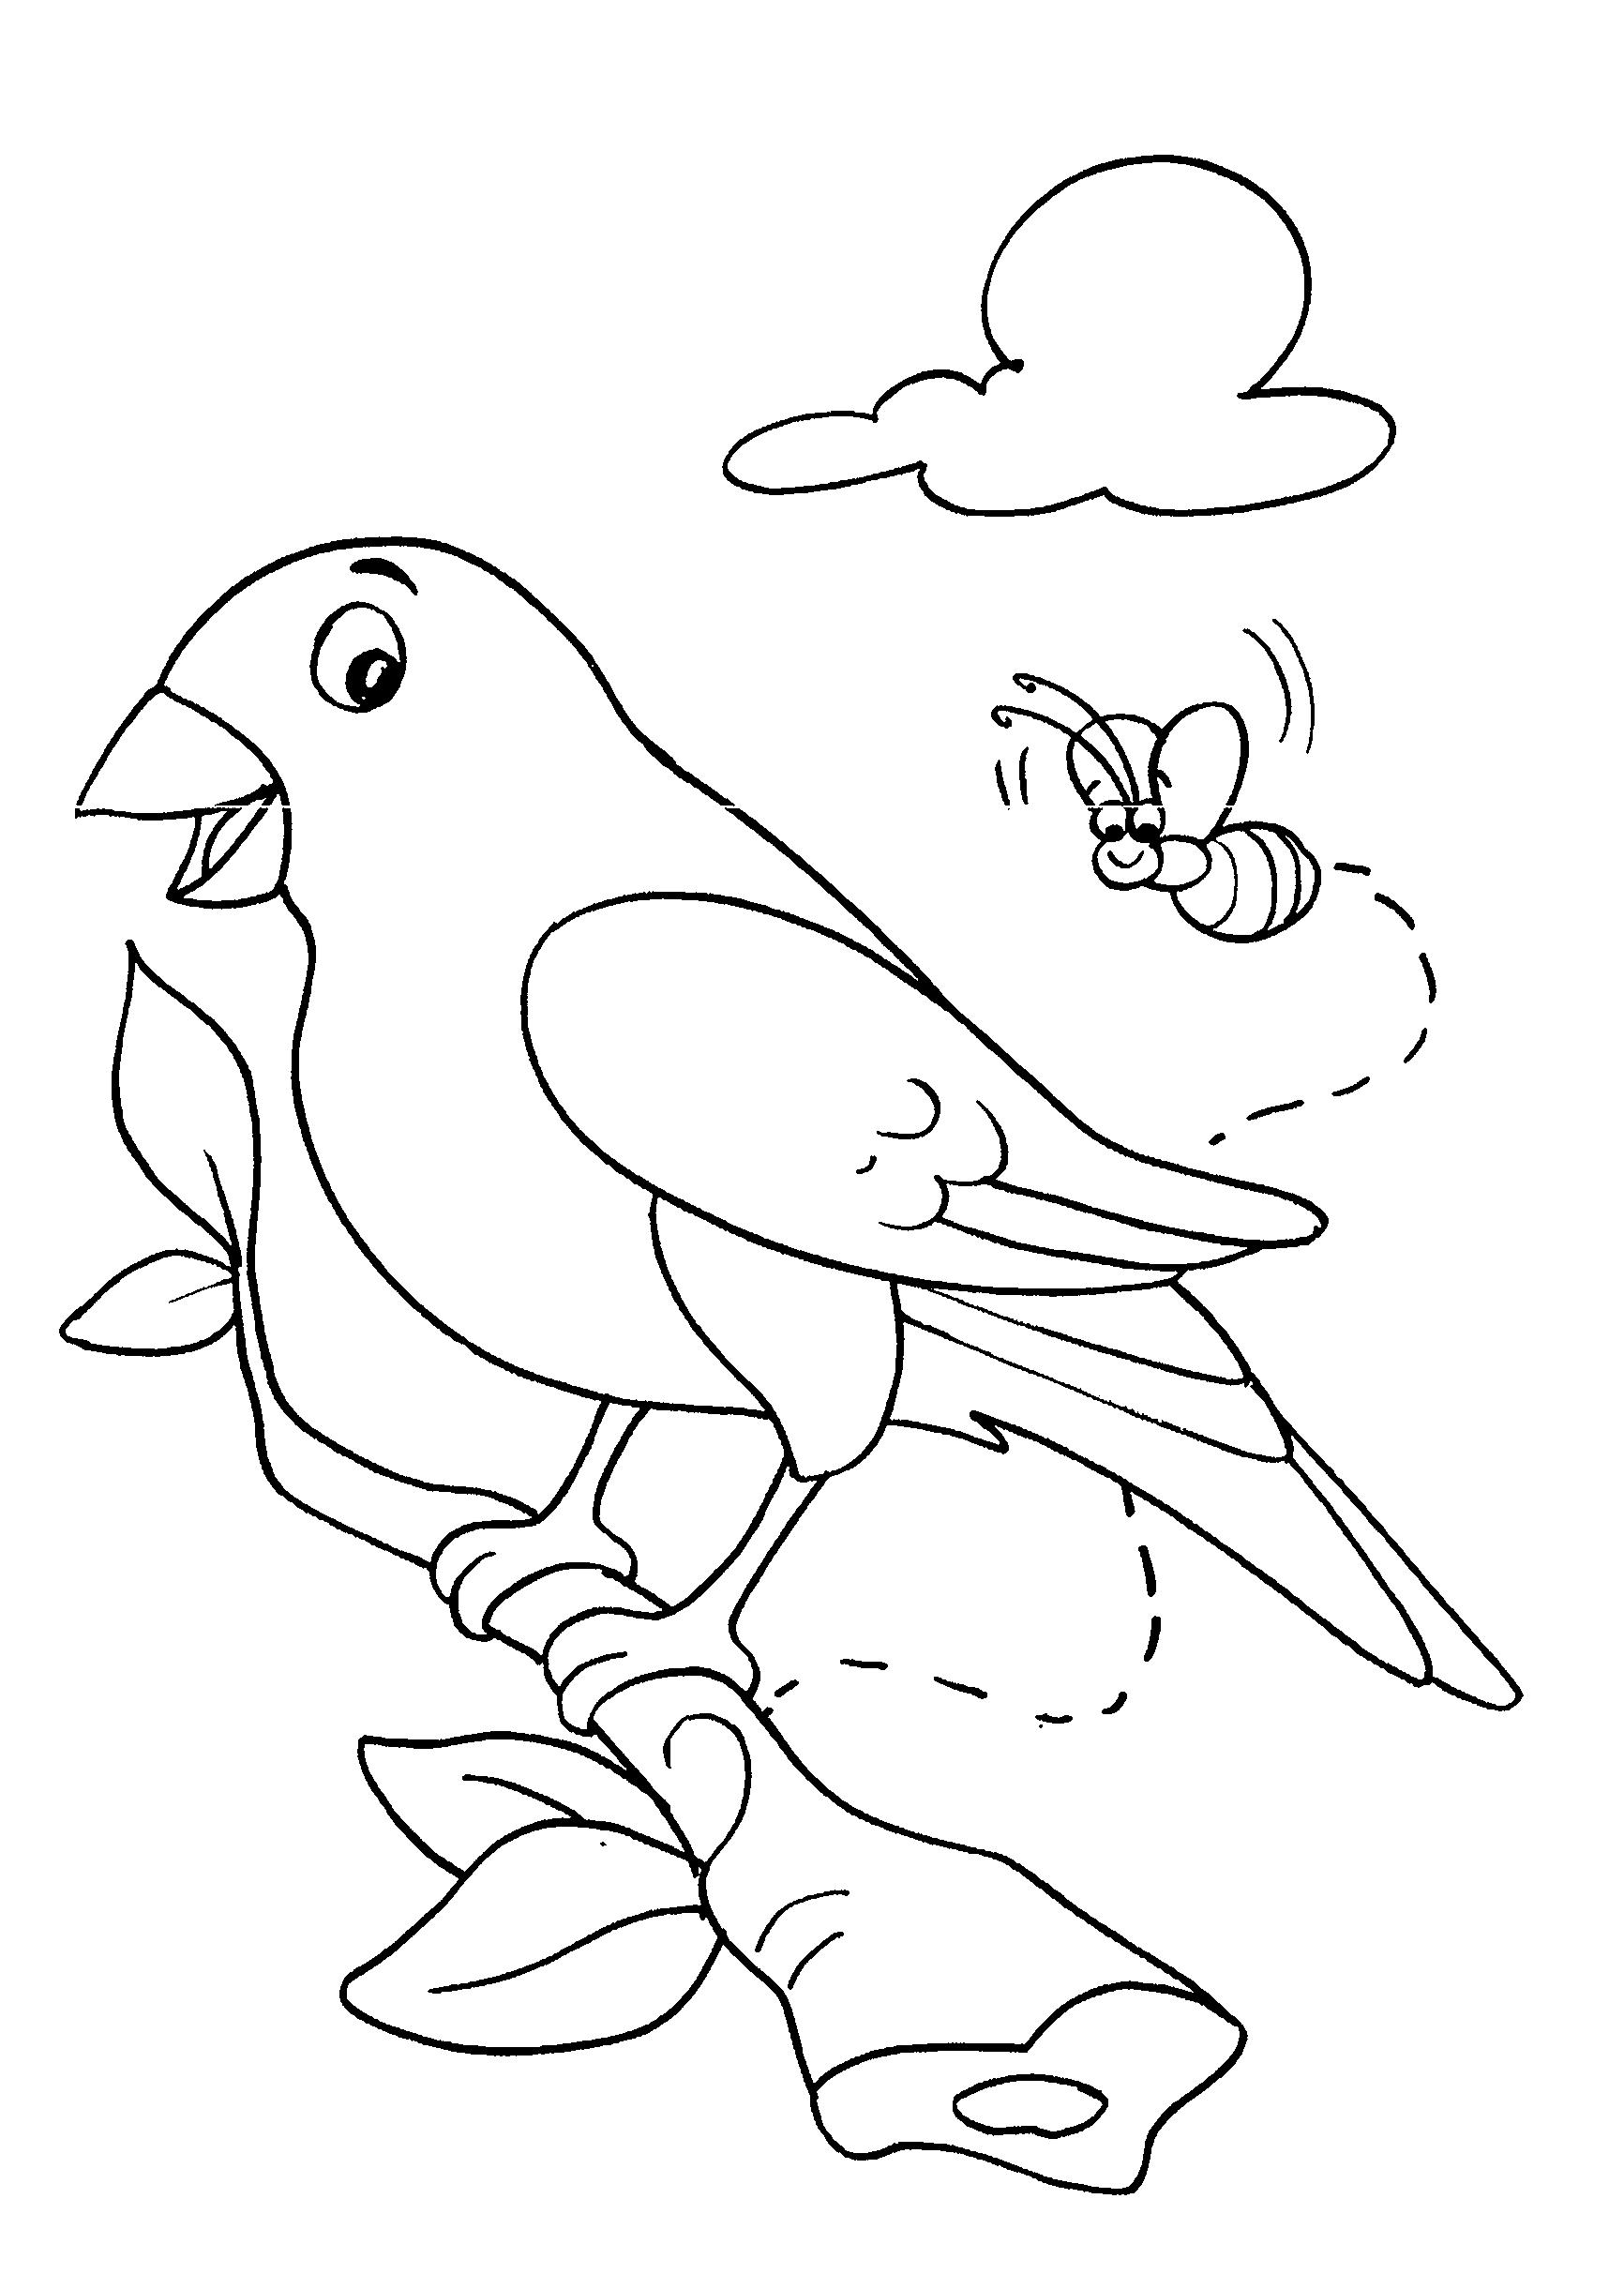 Desenho de passarinho